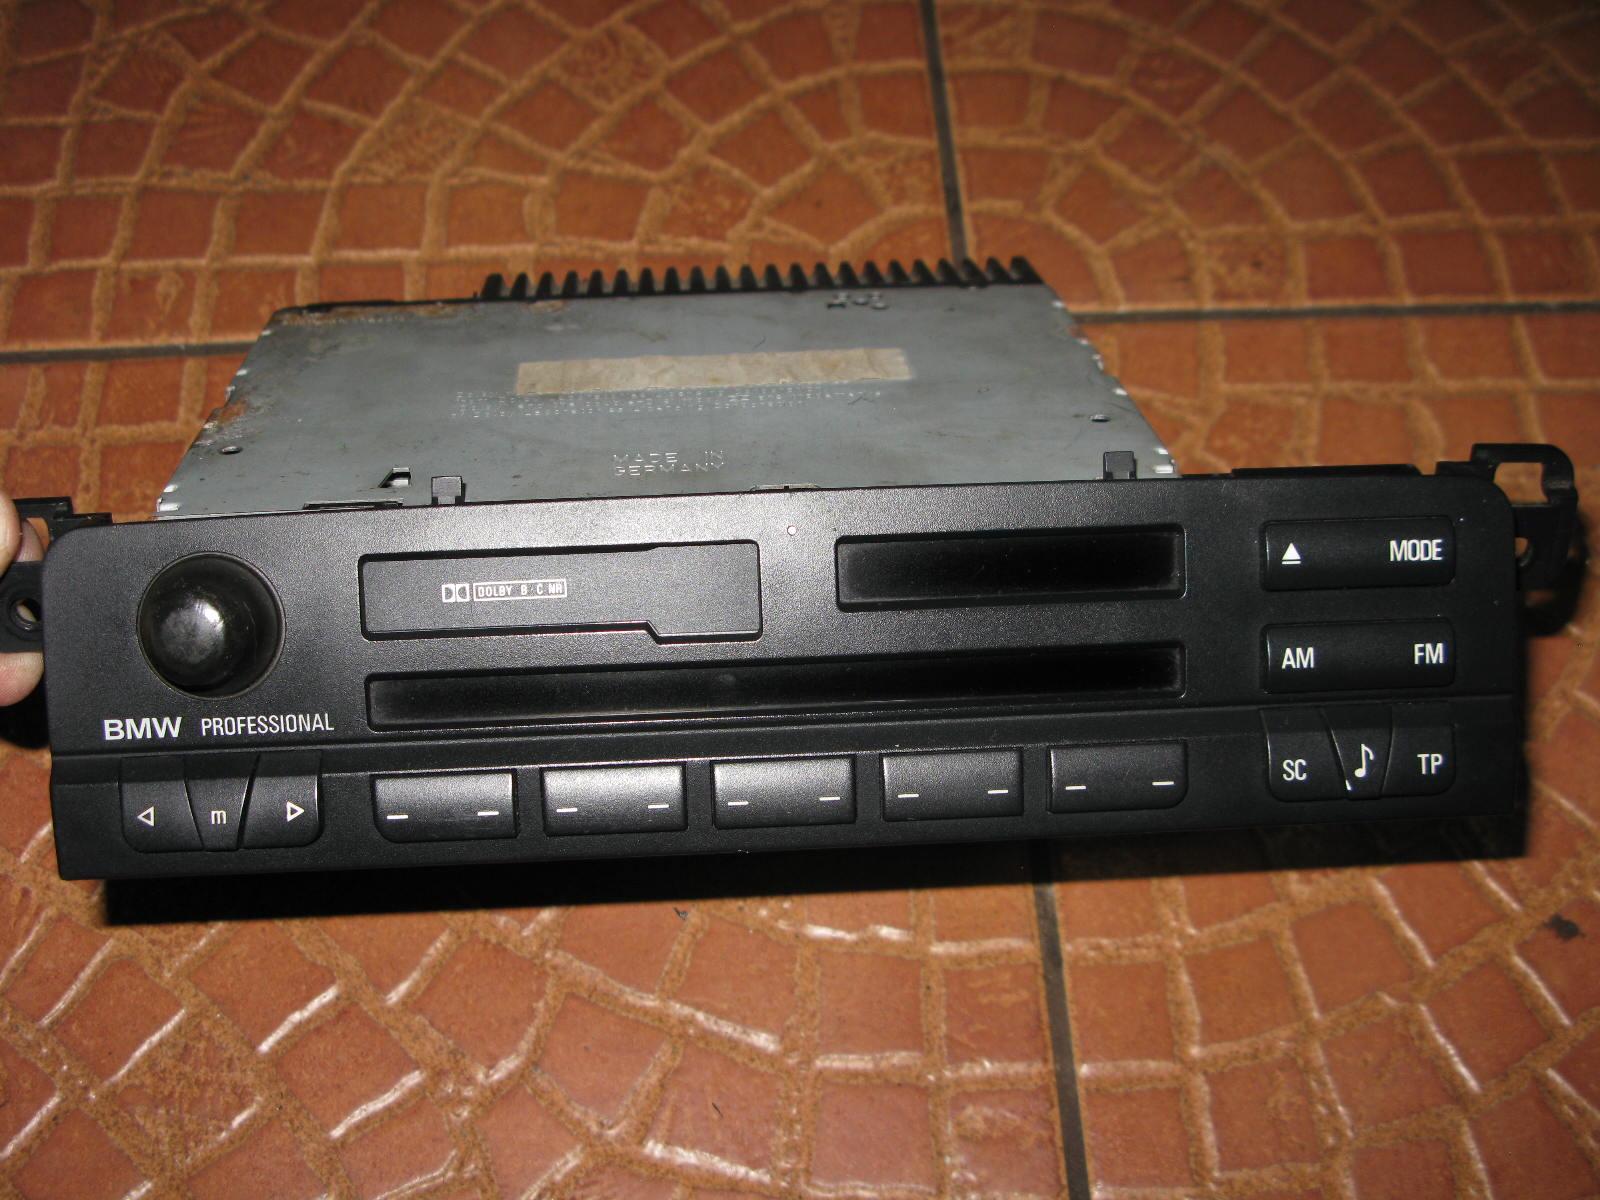 радио Becker Professional Bmw 3 E46 купить с доставкой из польши с